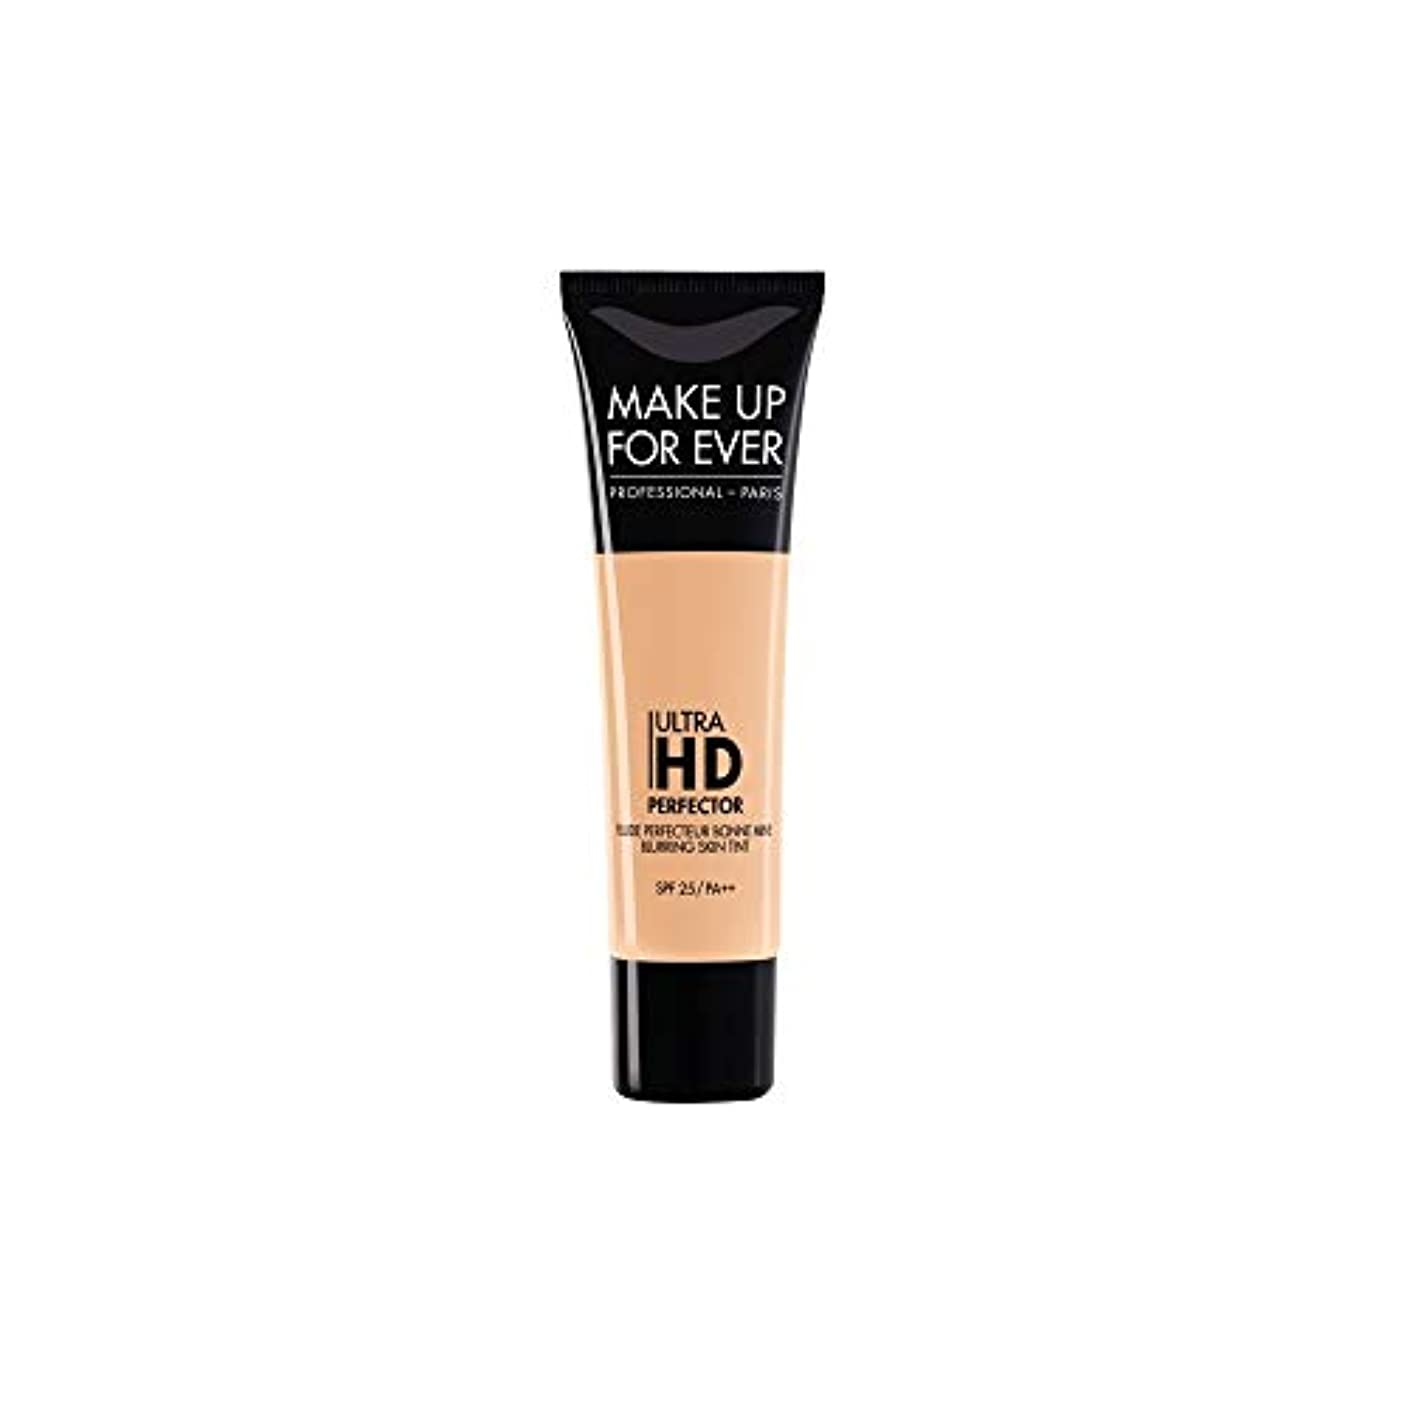 マスク荷物効果メイクアップフォーエバー Ultra HD Perfector Blurring Skin Tint SPF25 - # 05 Sand 30ml/1.01oz並行輸入品